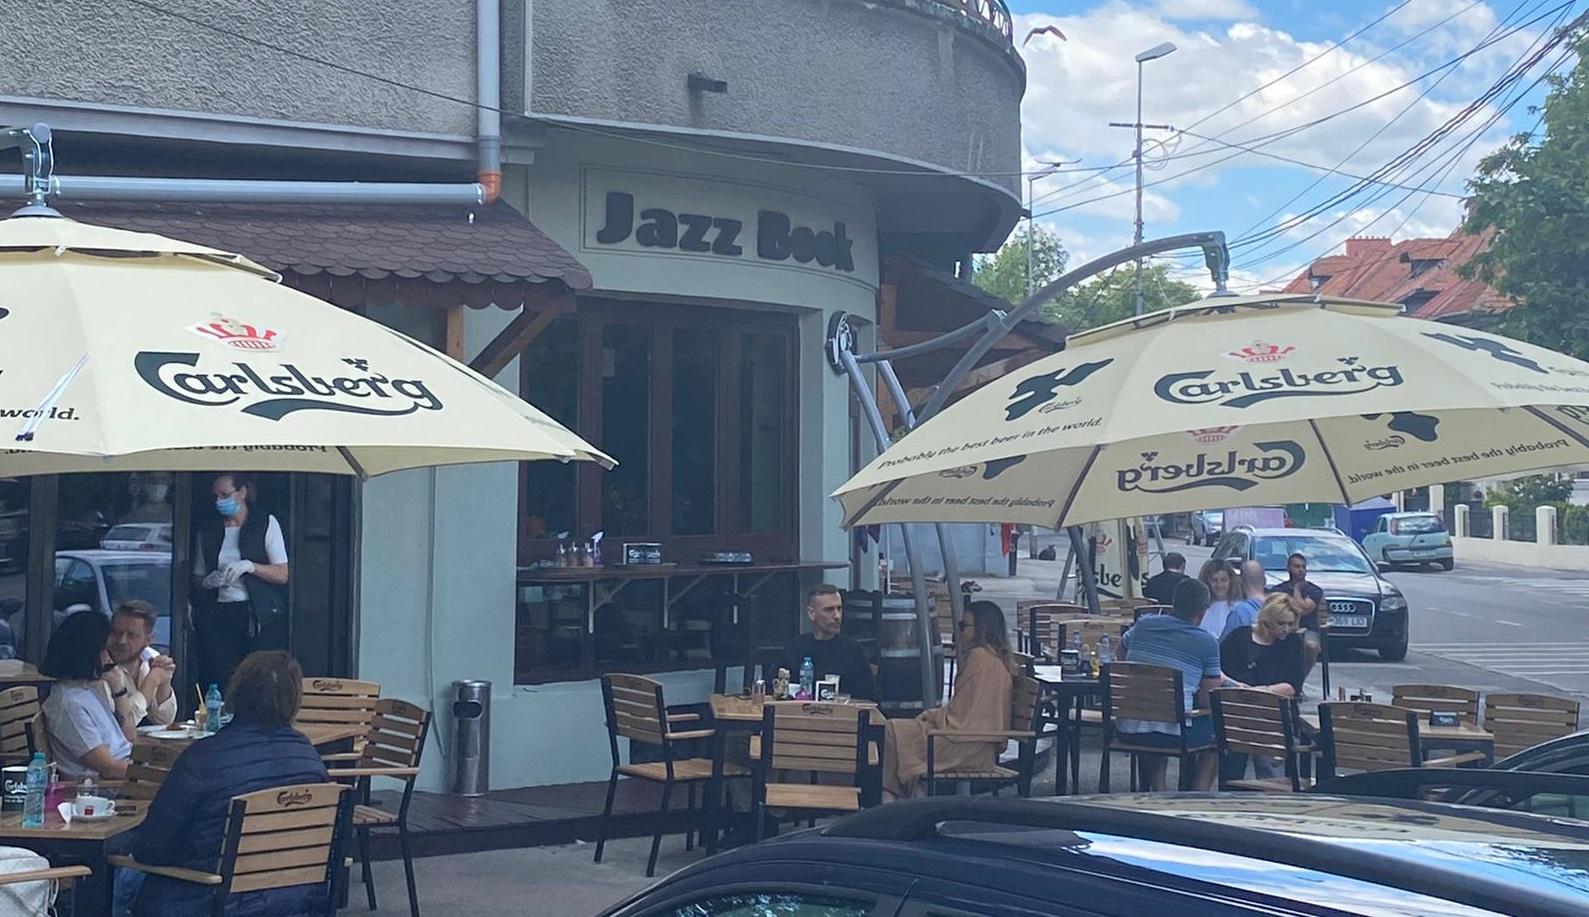 """Proprietarii de restaurante speră să deschidă și în interior, pe 1 iulie. Darius Rus (Jazz Book):""""Așteptăm să ne dea voie autoritățile"""""""